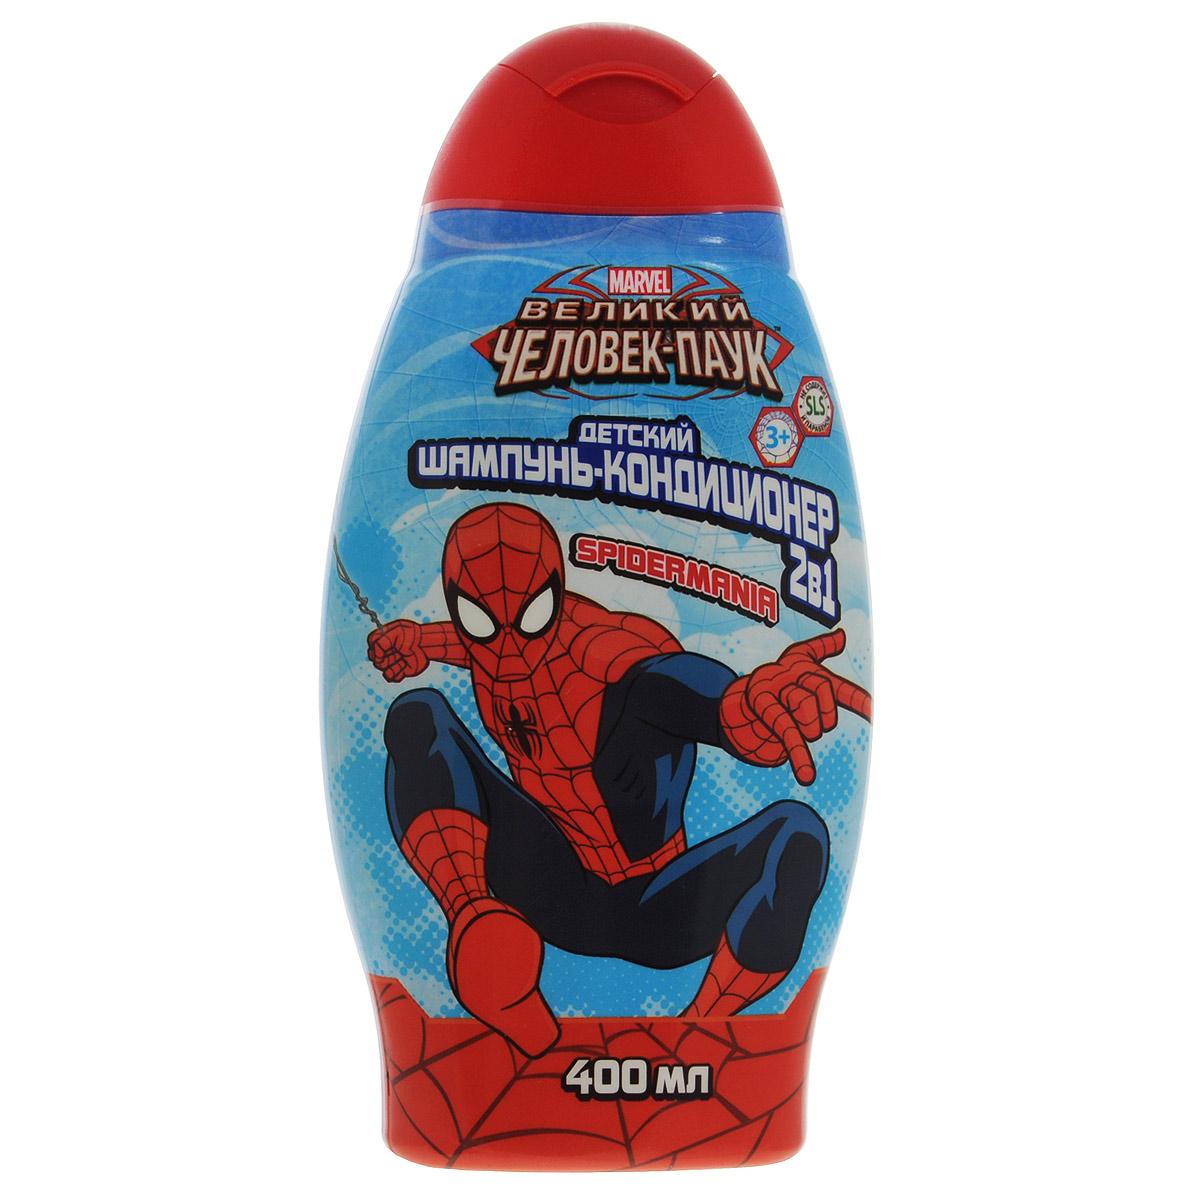 Spider-Man Шампунь с кондиционером 2в1 Spidermania, детский, 400 мл. 1328113281Натуральные компоненты и растительные экстракты, входящие в состав шампуня-кондиционера 2в1 Spidermania, обеспечат бережный уход и позаботятся о красоте и здоровье волос. Мягкая текстура и приятный аромат шампуня подарят отличное настроение и заряд энергии на весь день!Такой шампунь понравится вашему маленькому супергерою и превратит купание в веселое приключение!Товар сертифицирован.